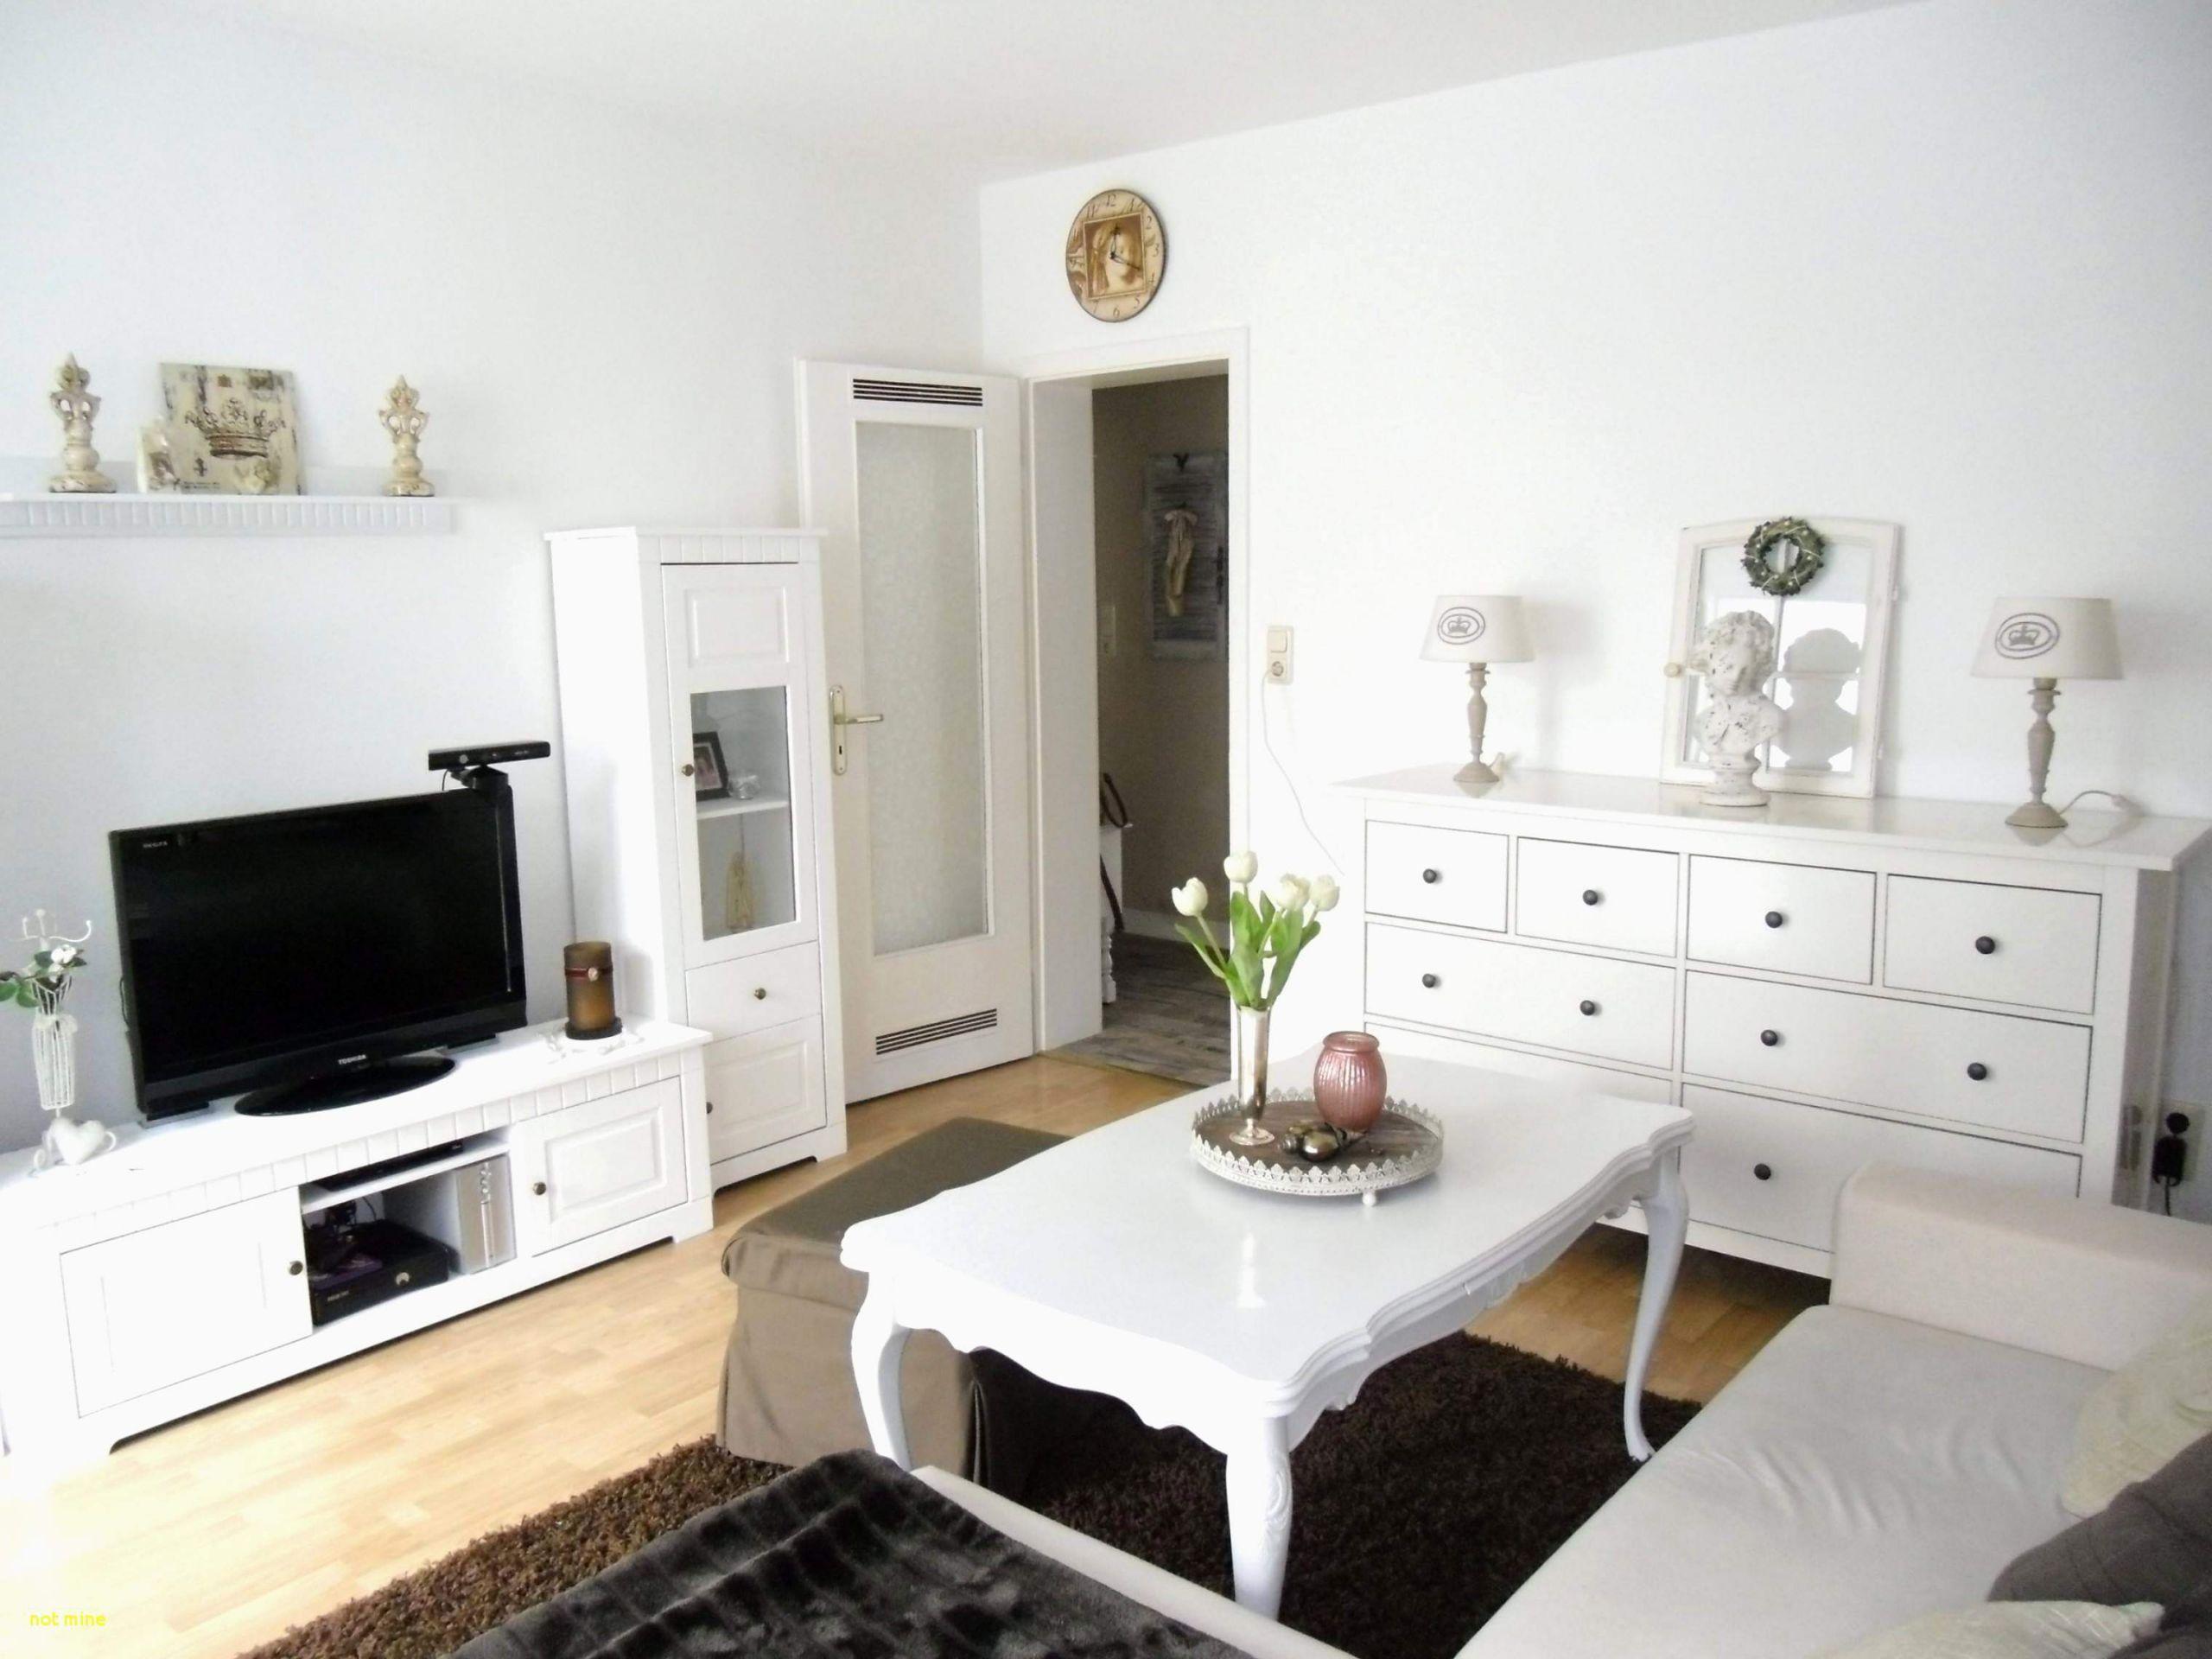 wohnzimmer design ideen einzigartig 29 elegant deko bilder wohnzimmer neu of wohnzimmer design ideen scaled